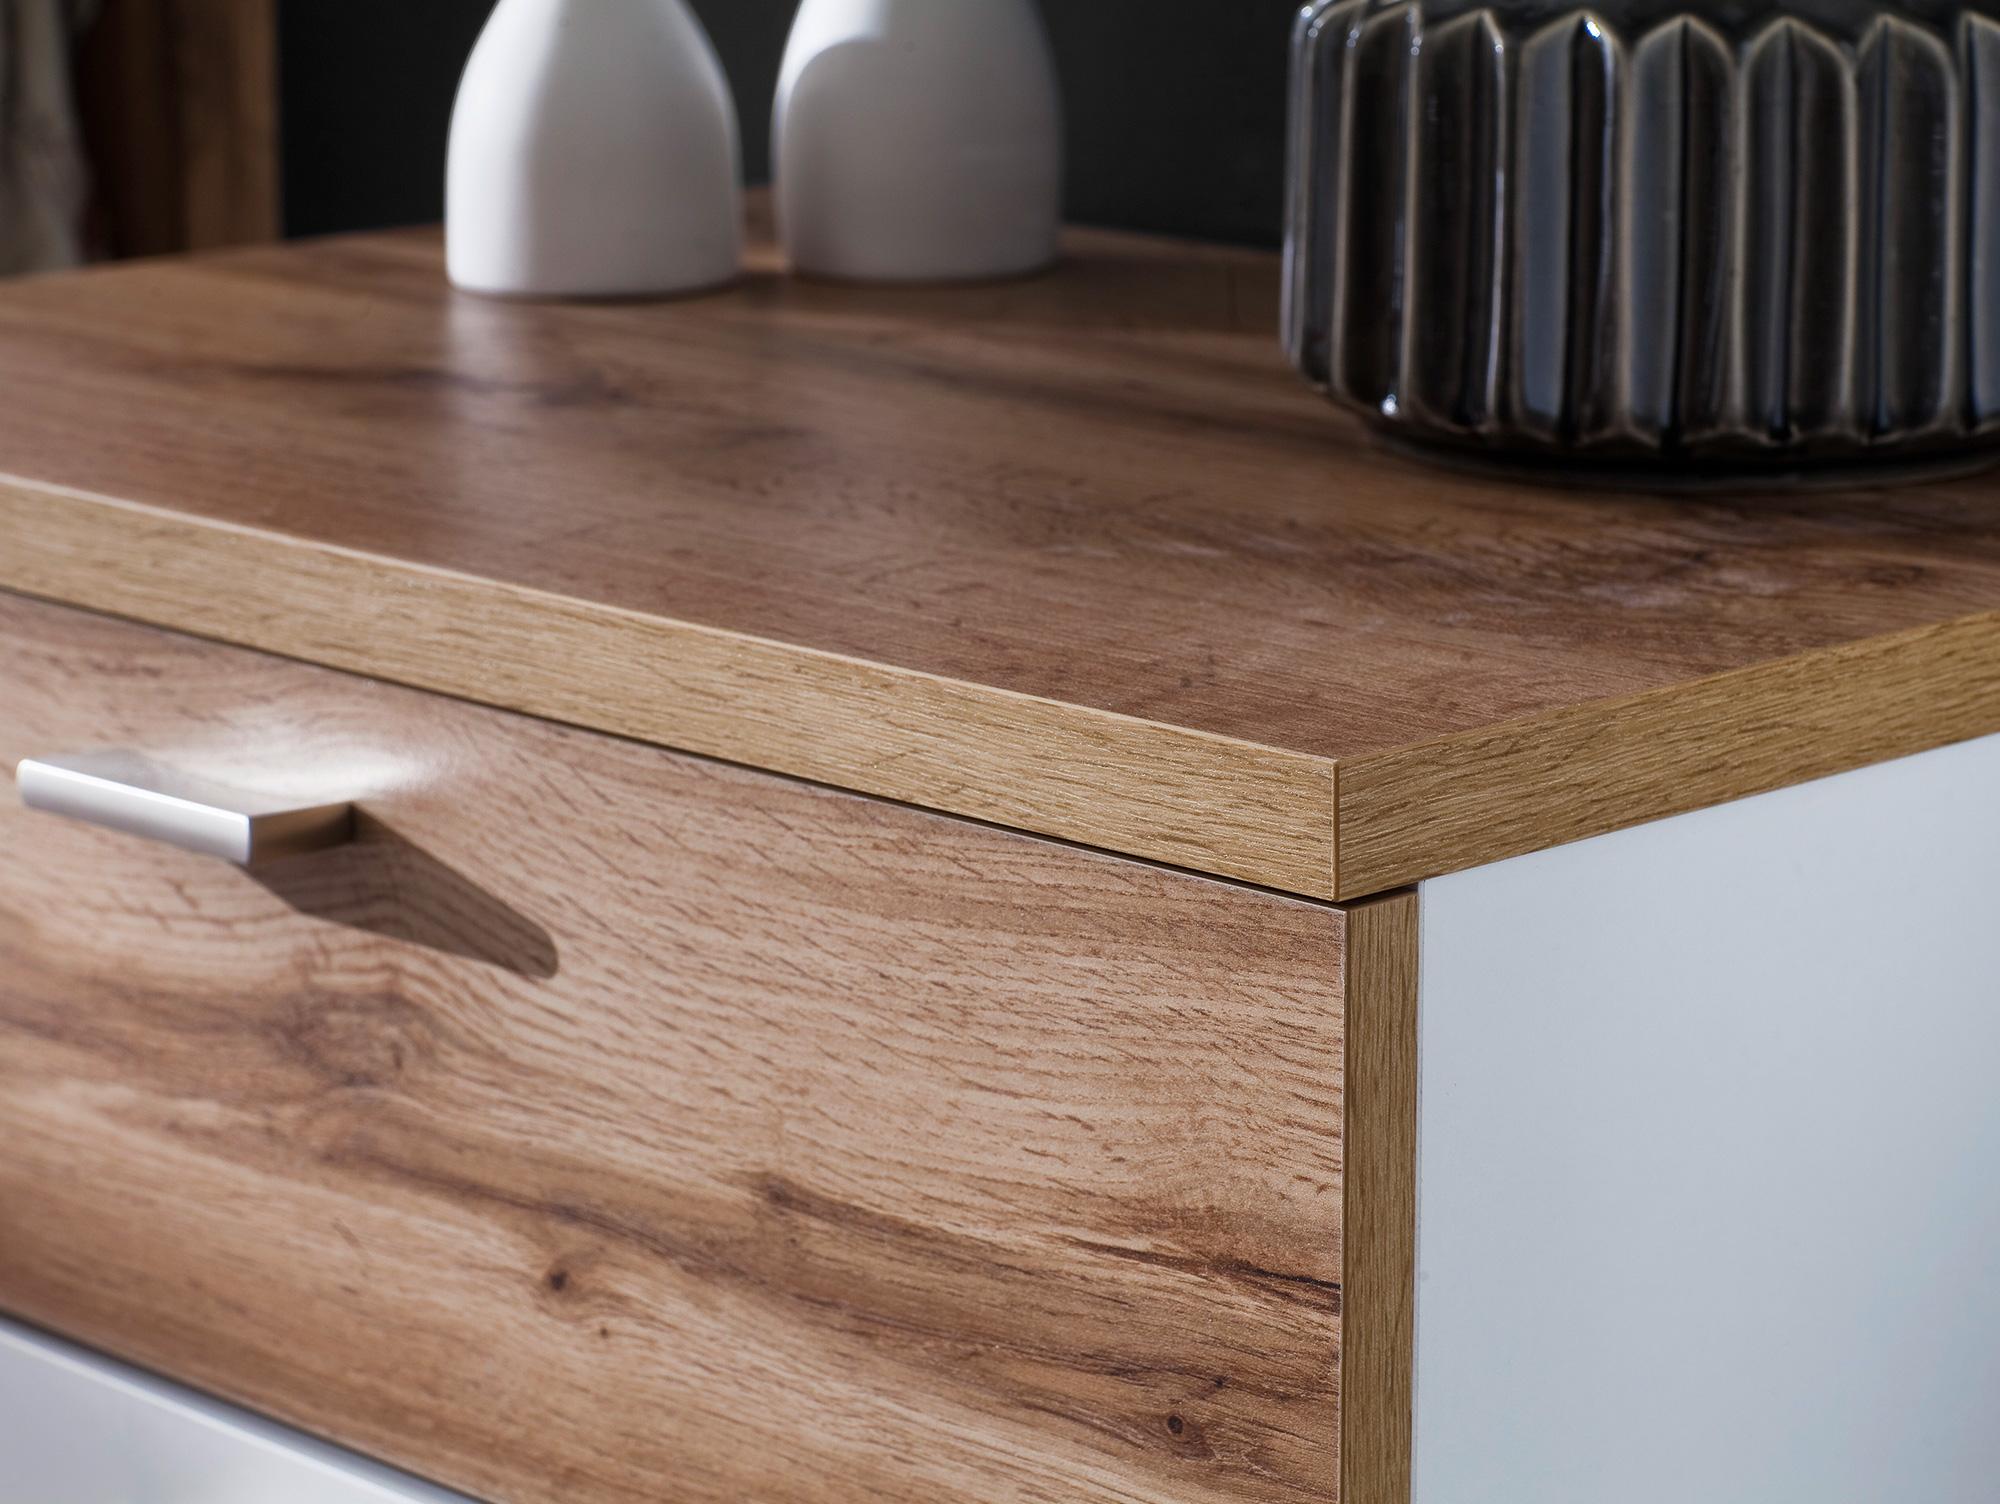 northway schuhschrank mit 2 t ren weiss wotan eiche. Black Bedroom Furniture Sets. Home Design Ideas